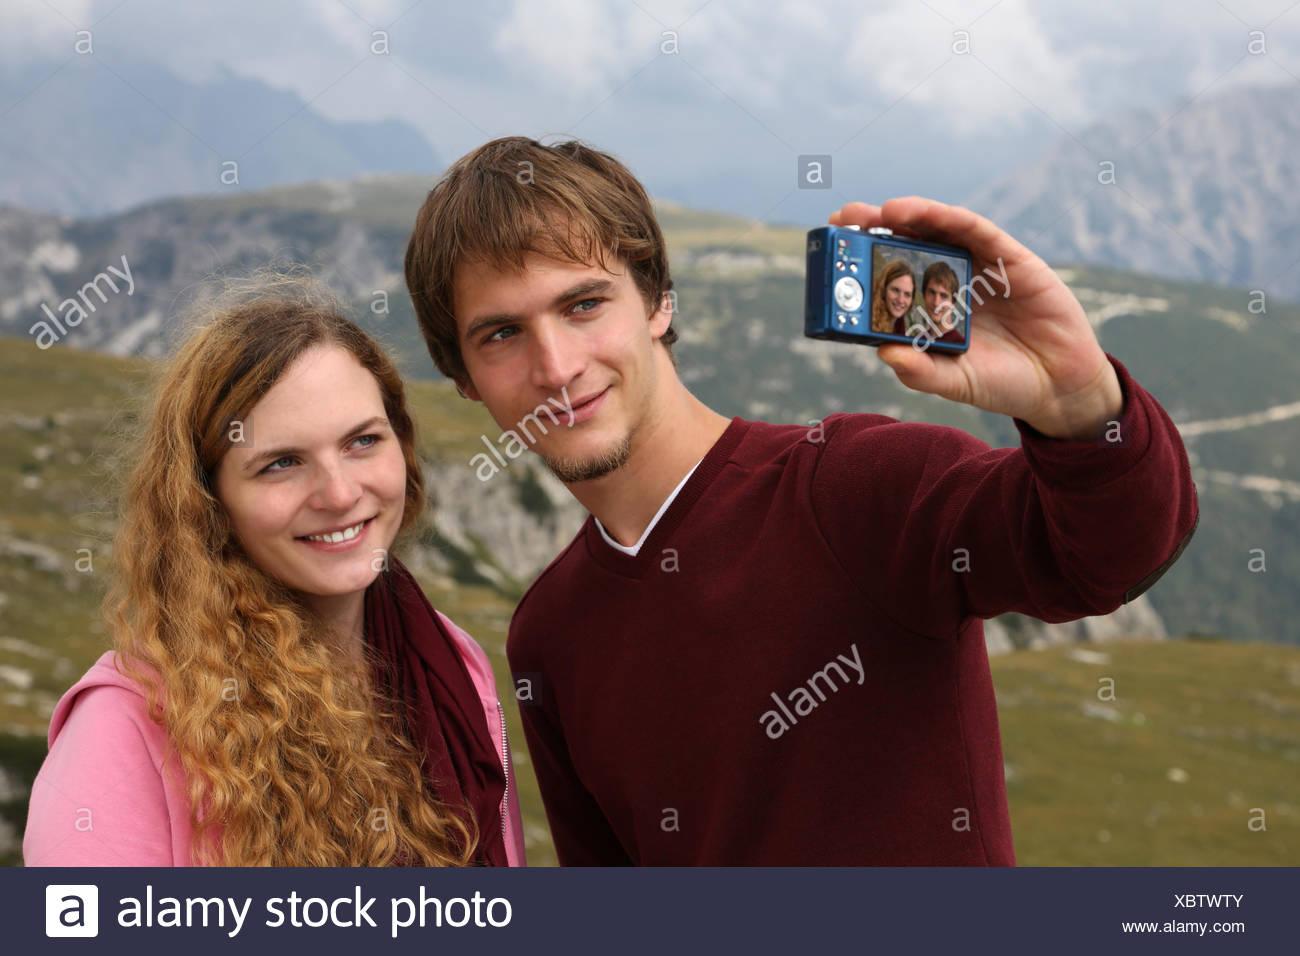 Foto als Erinnerung an den Urlaub - Stock Image